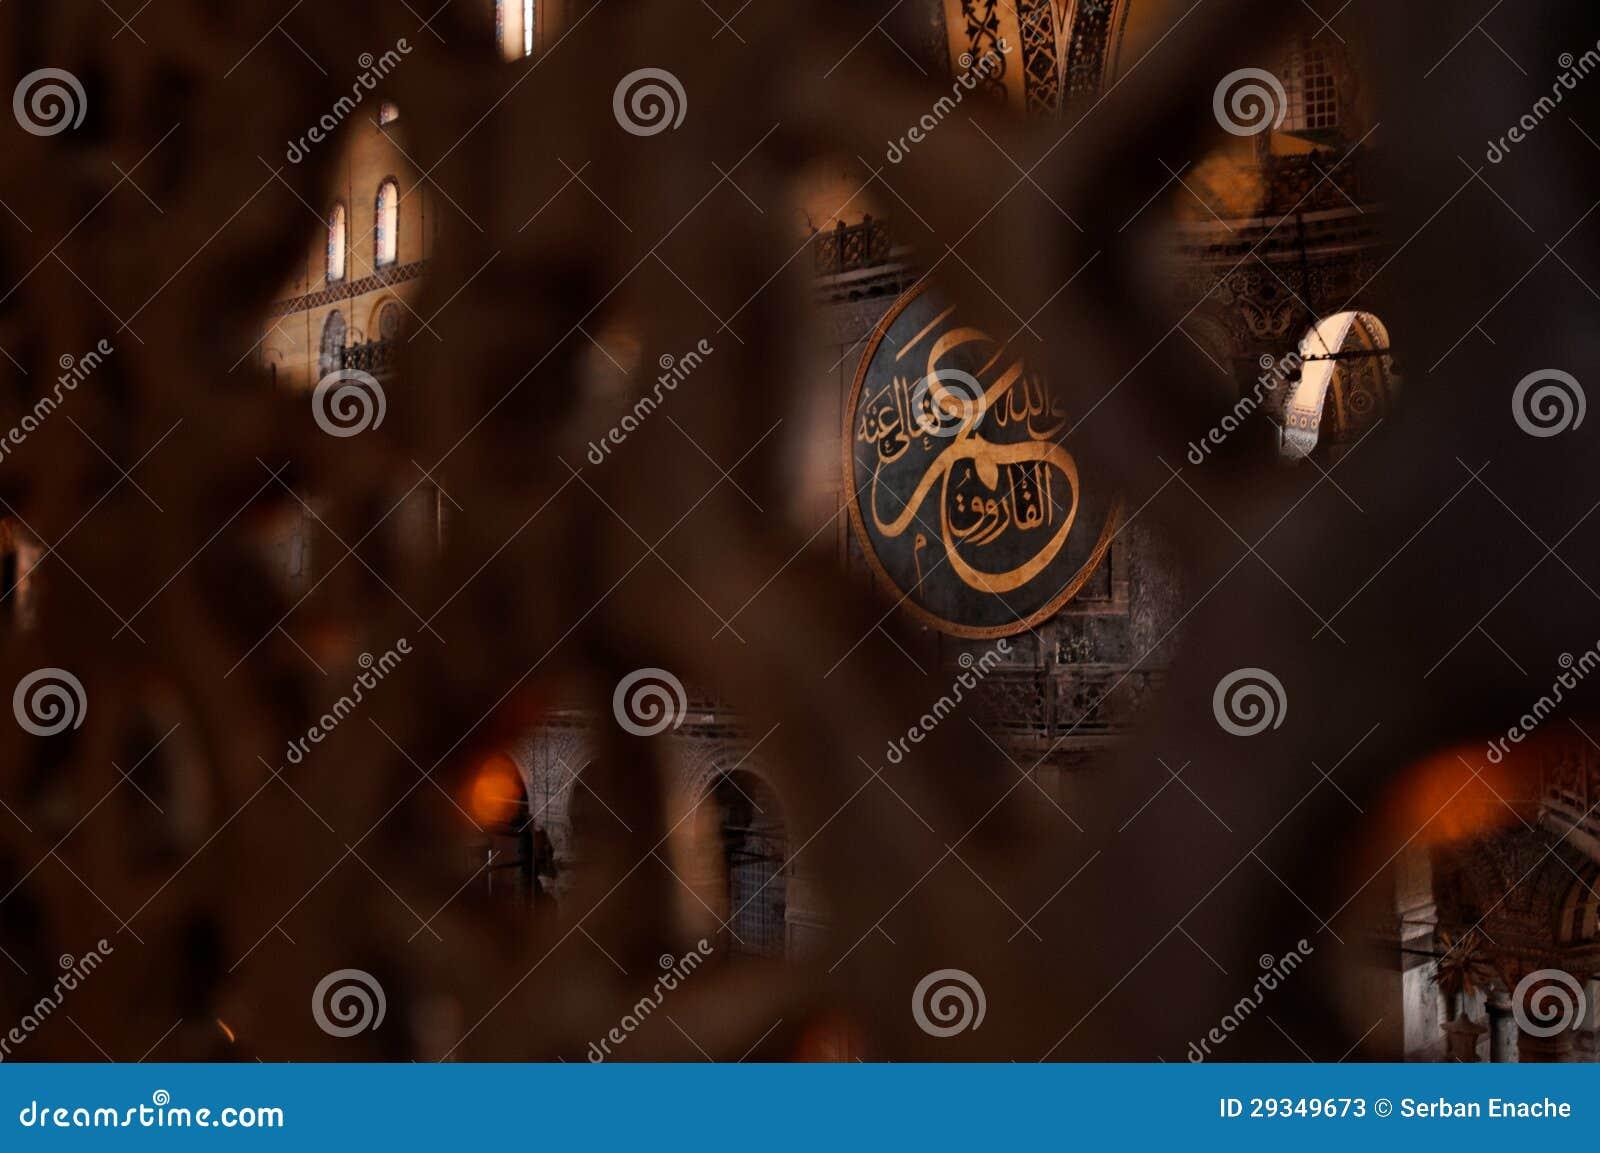 Details in Hagia Sophia